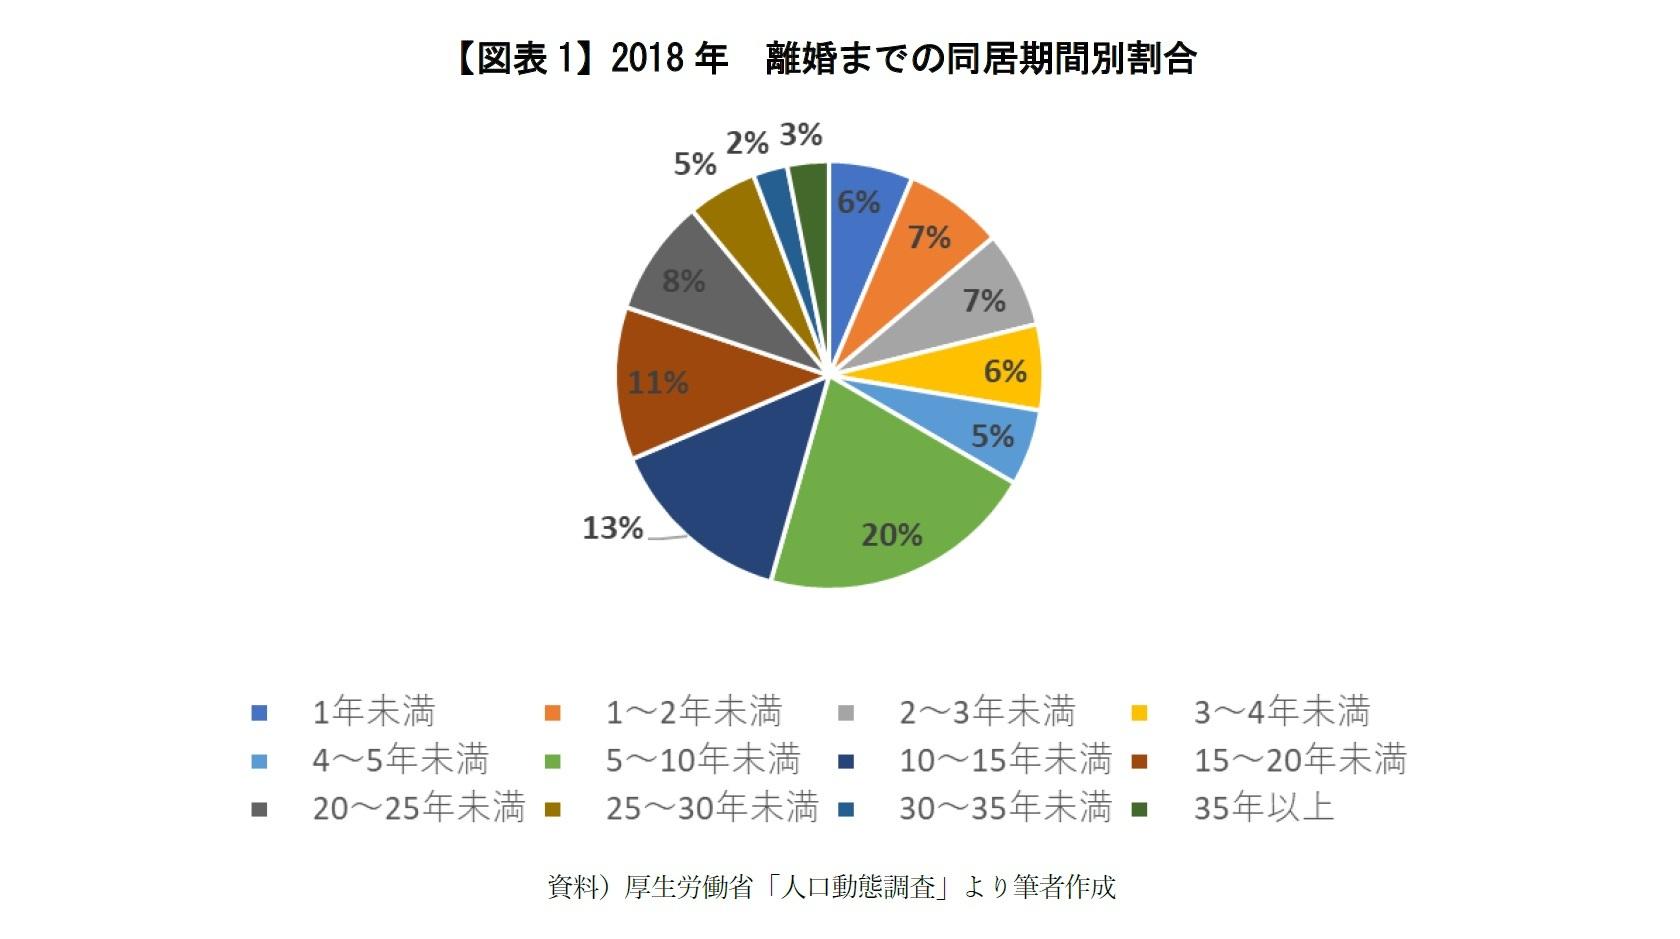 【図表1】2018年 離婚までの同居期間別割合